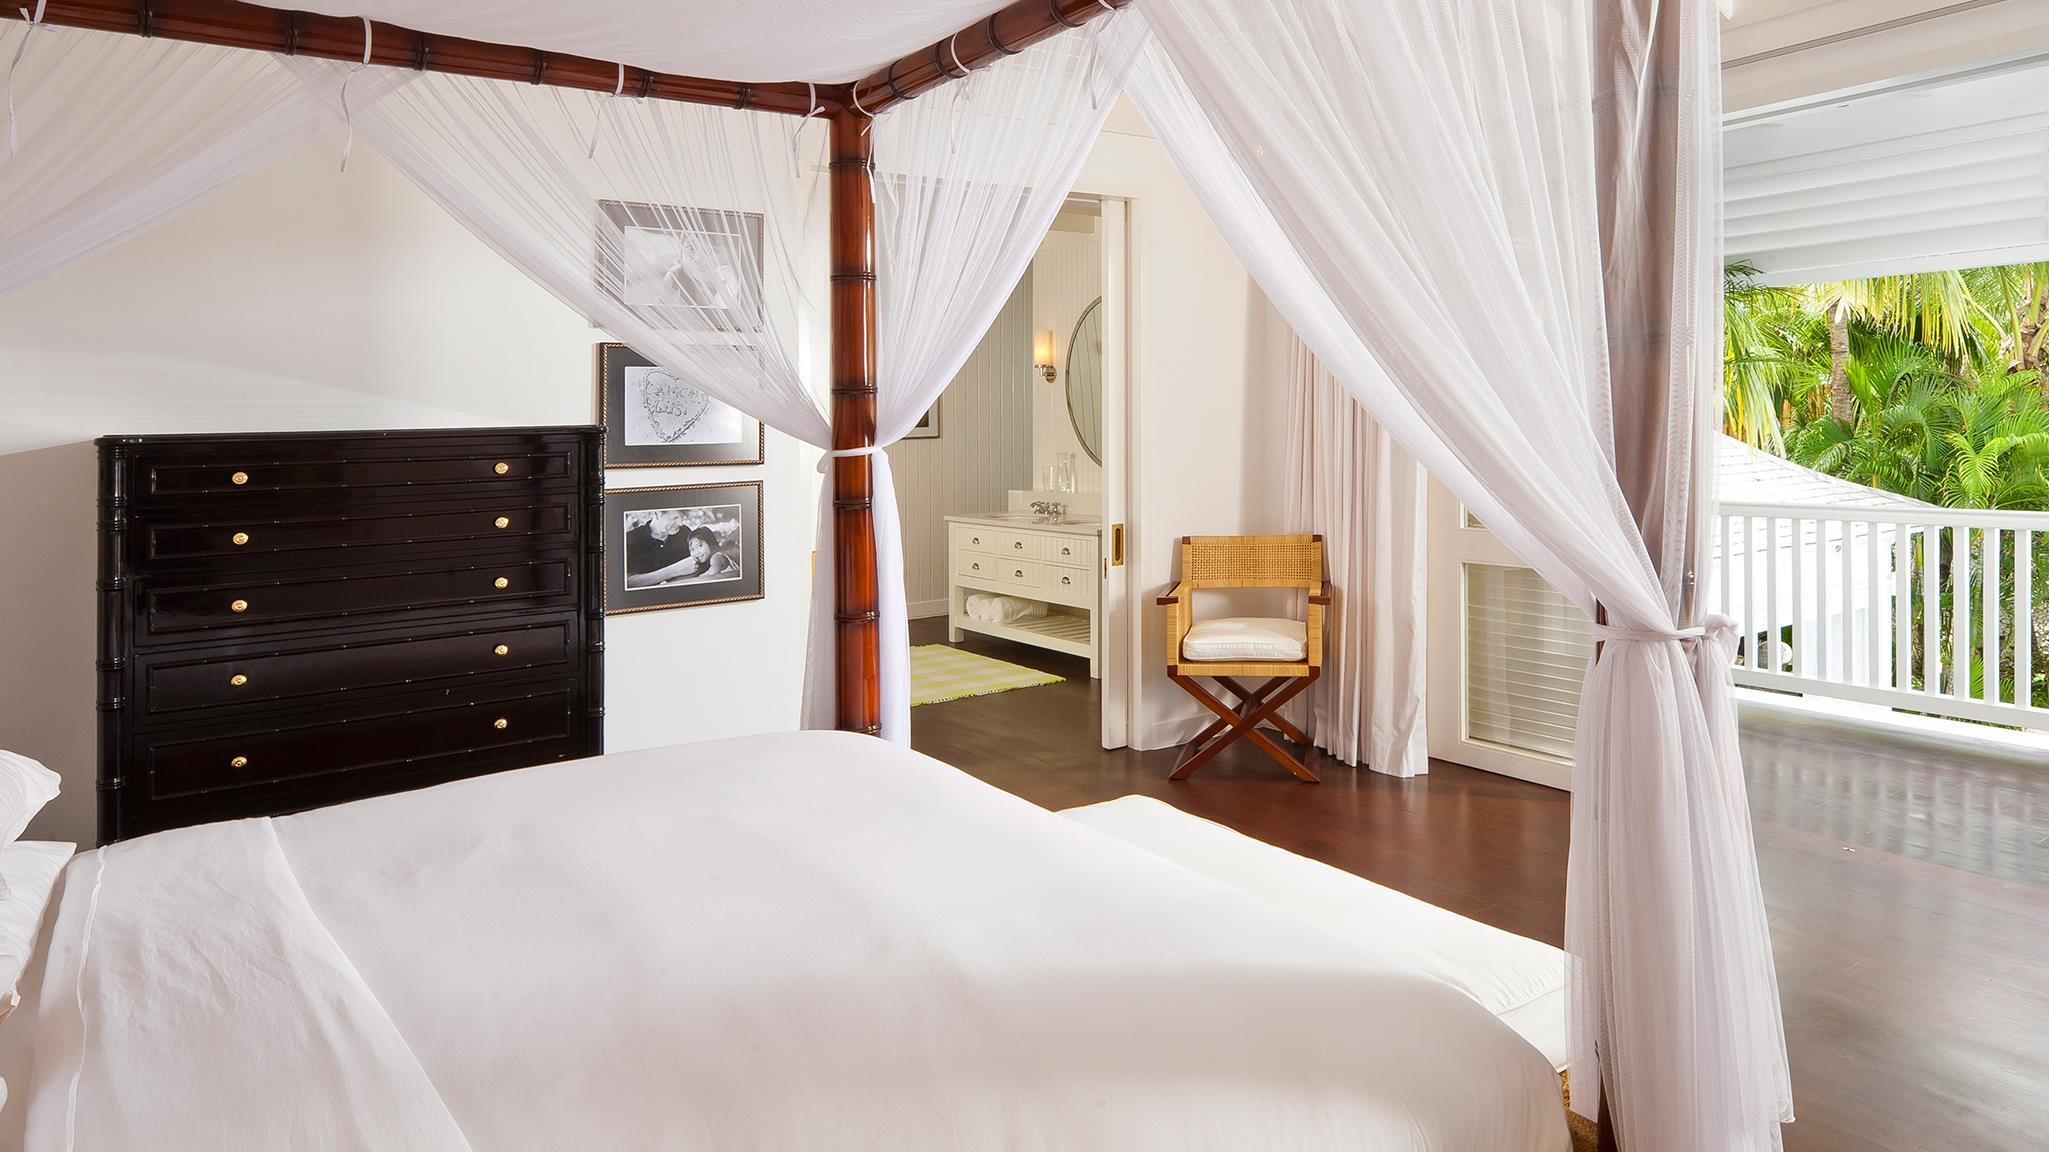 Bedroom and Balcony - Villa Lulito - Seminyak, Bali